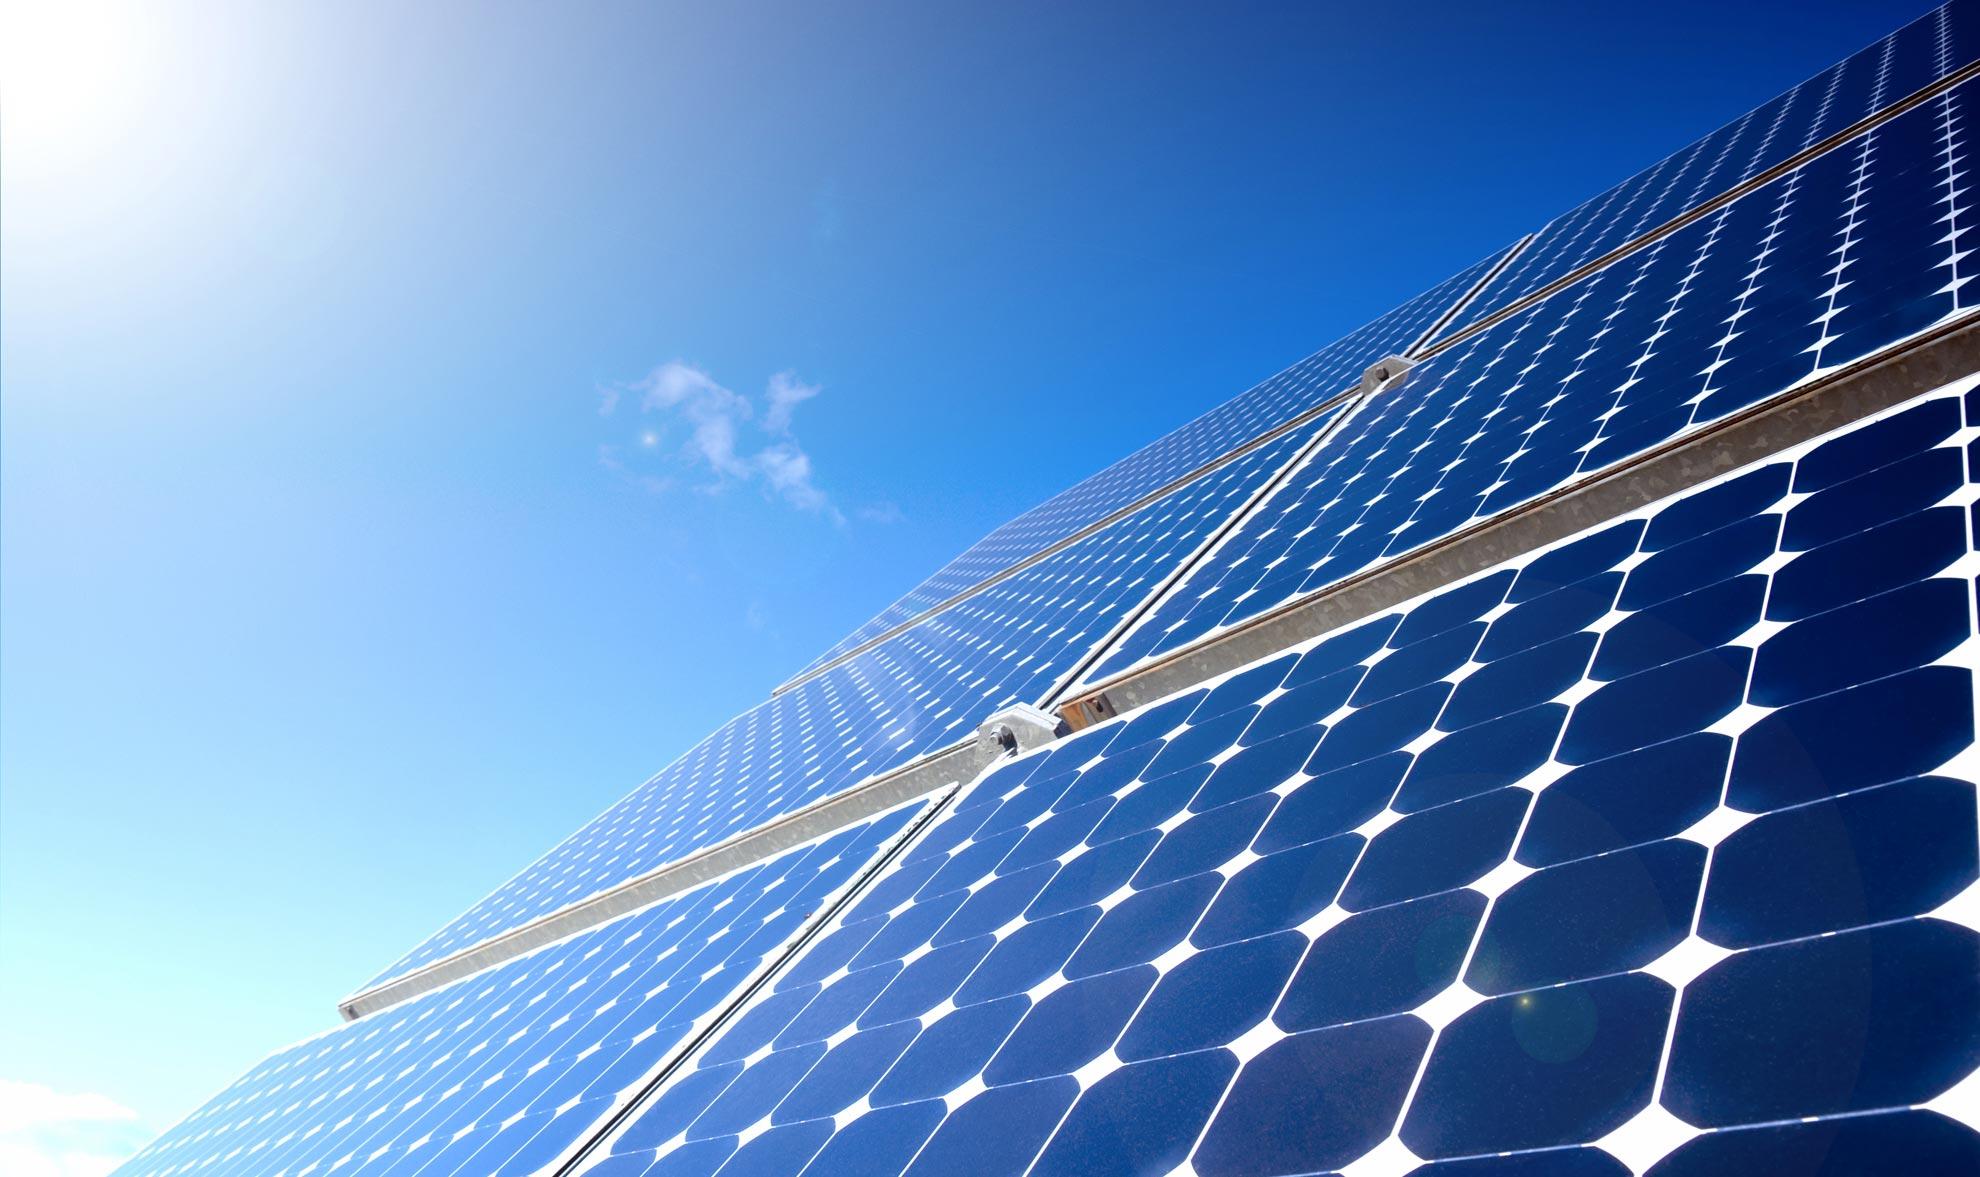 Aria Nel Pannello Solare : Fotovoltaico del futuro dall italia arriva l innovazione